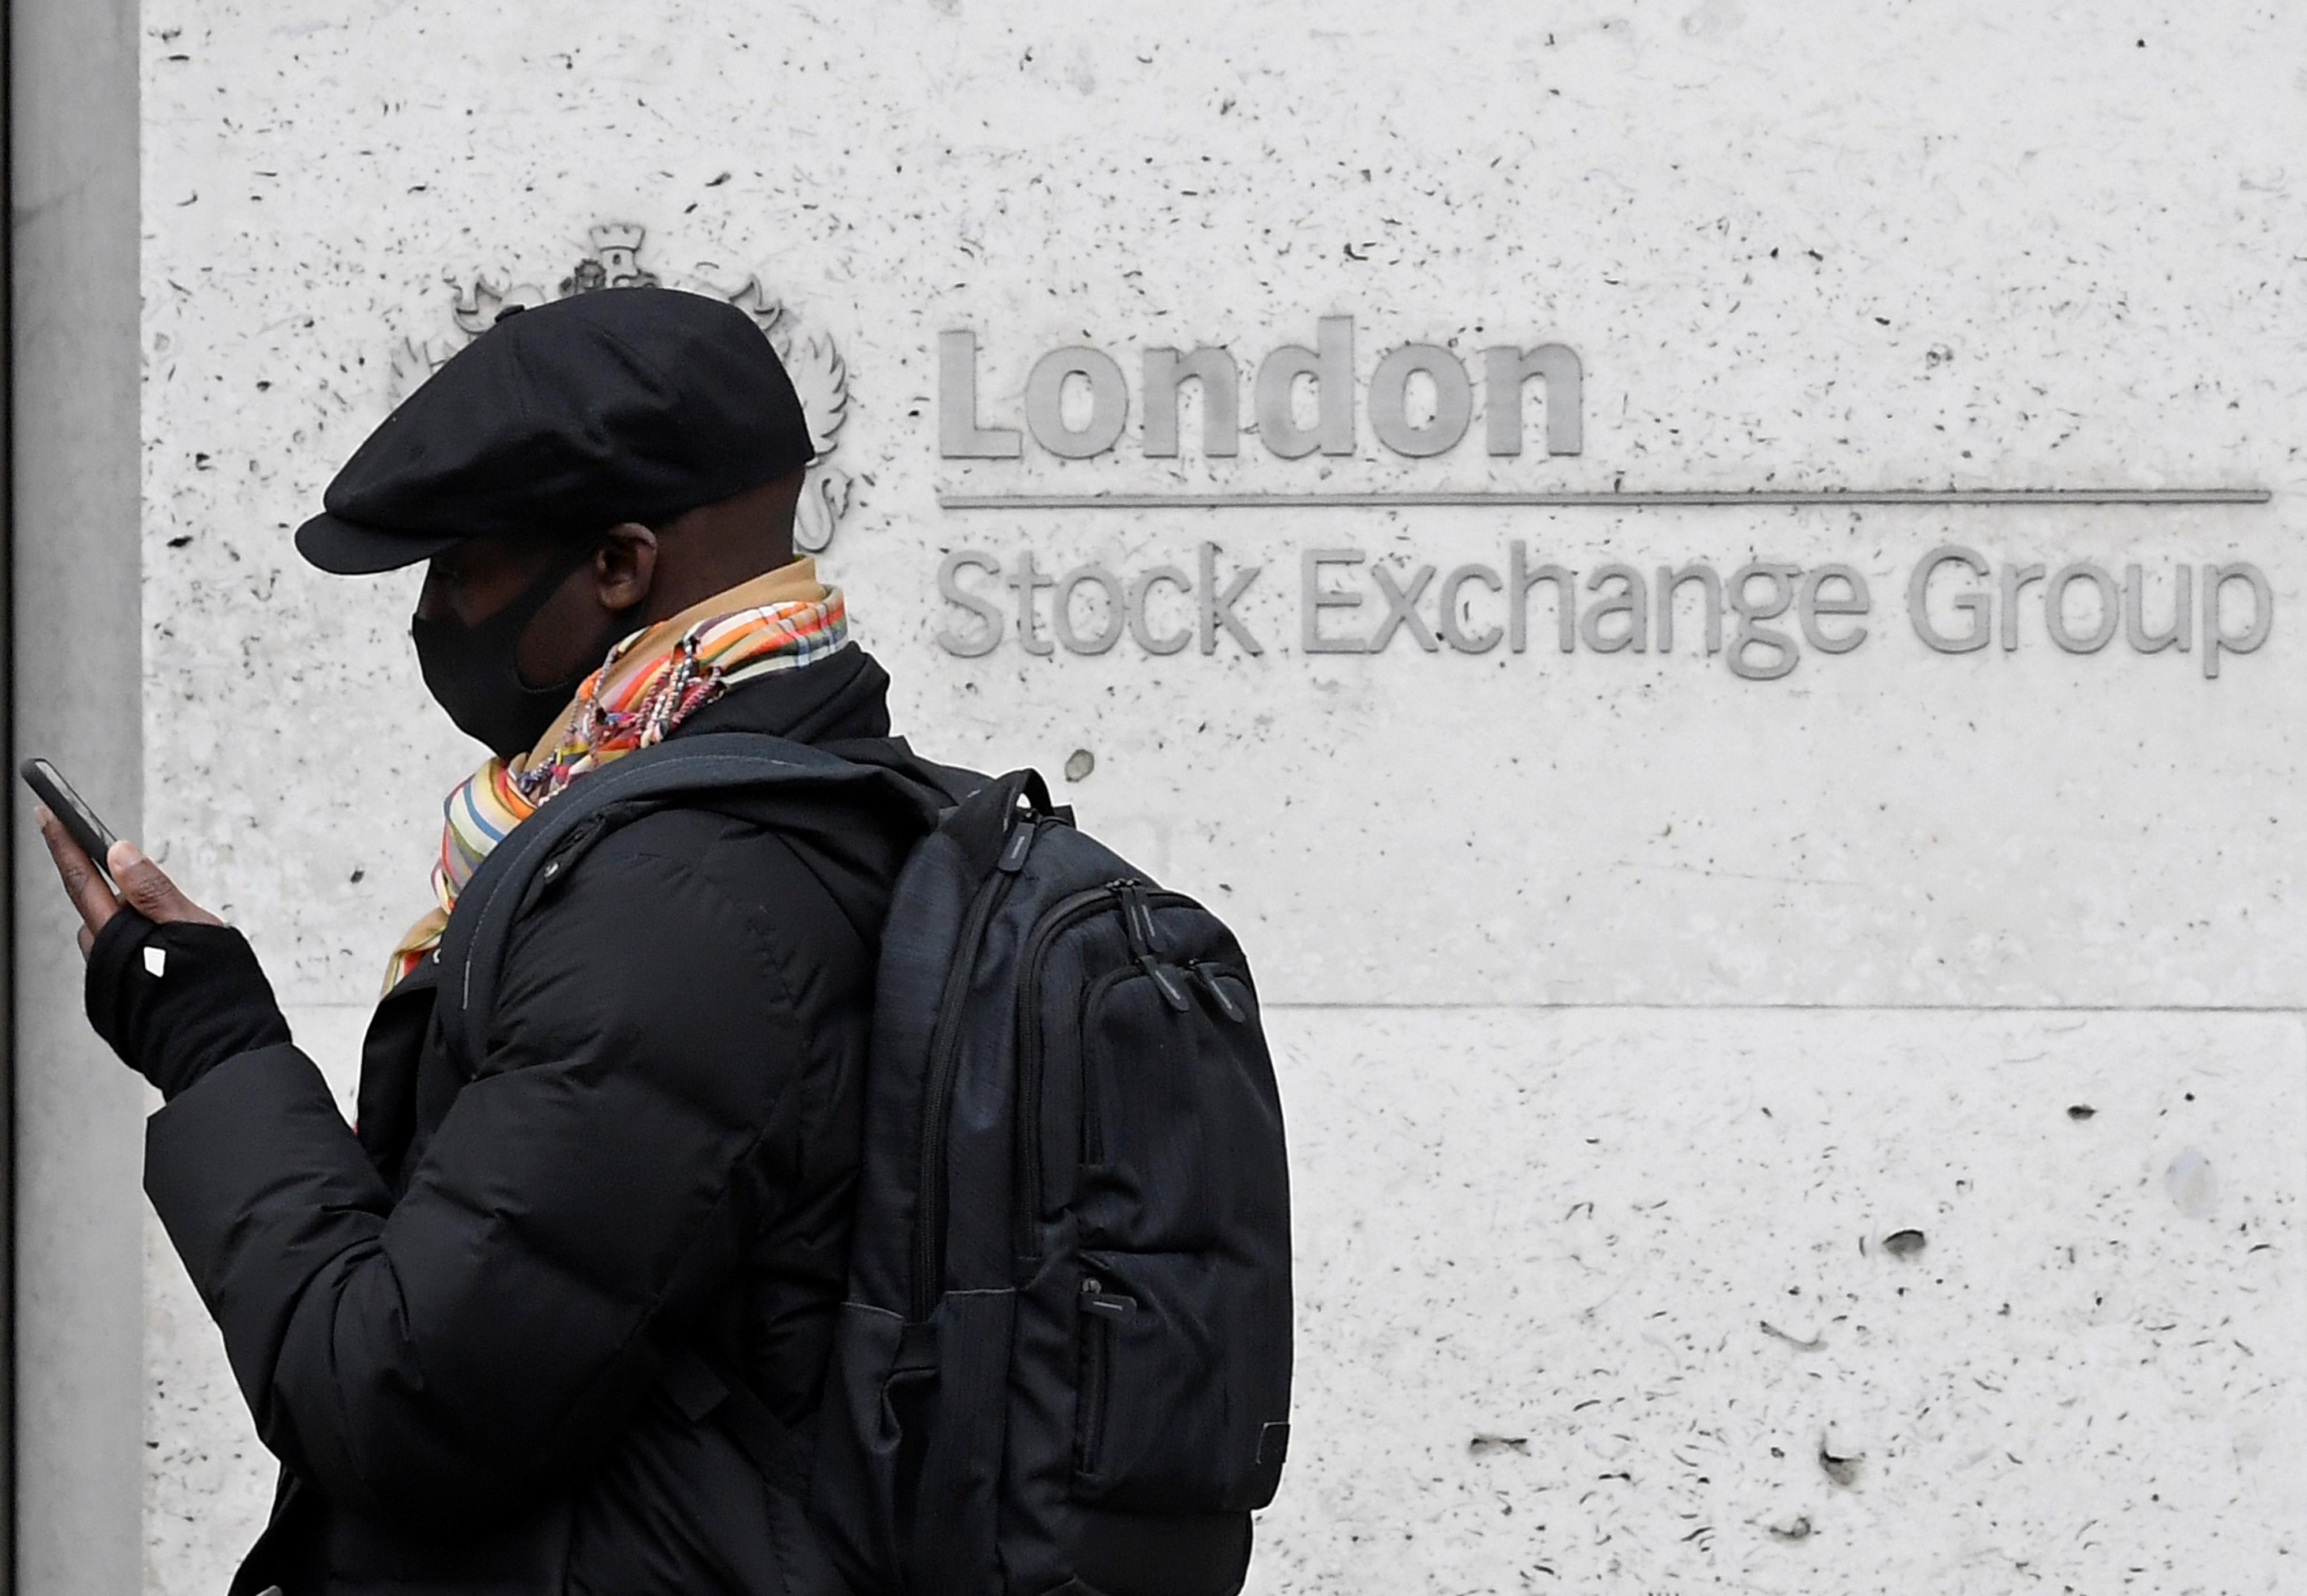 Super-ricos recuperam perdas econômicas provocadas pela pandemia, diz Oxfam